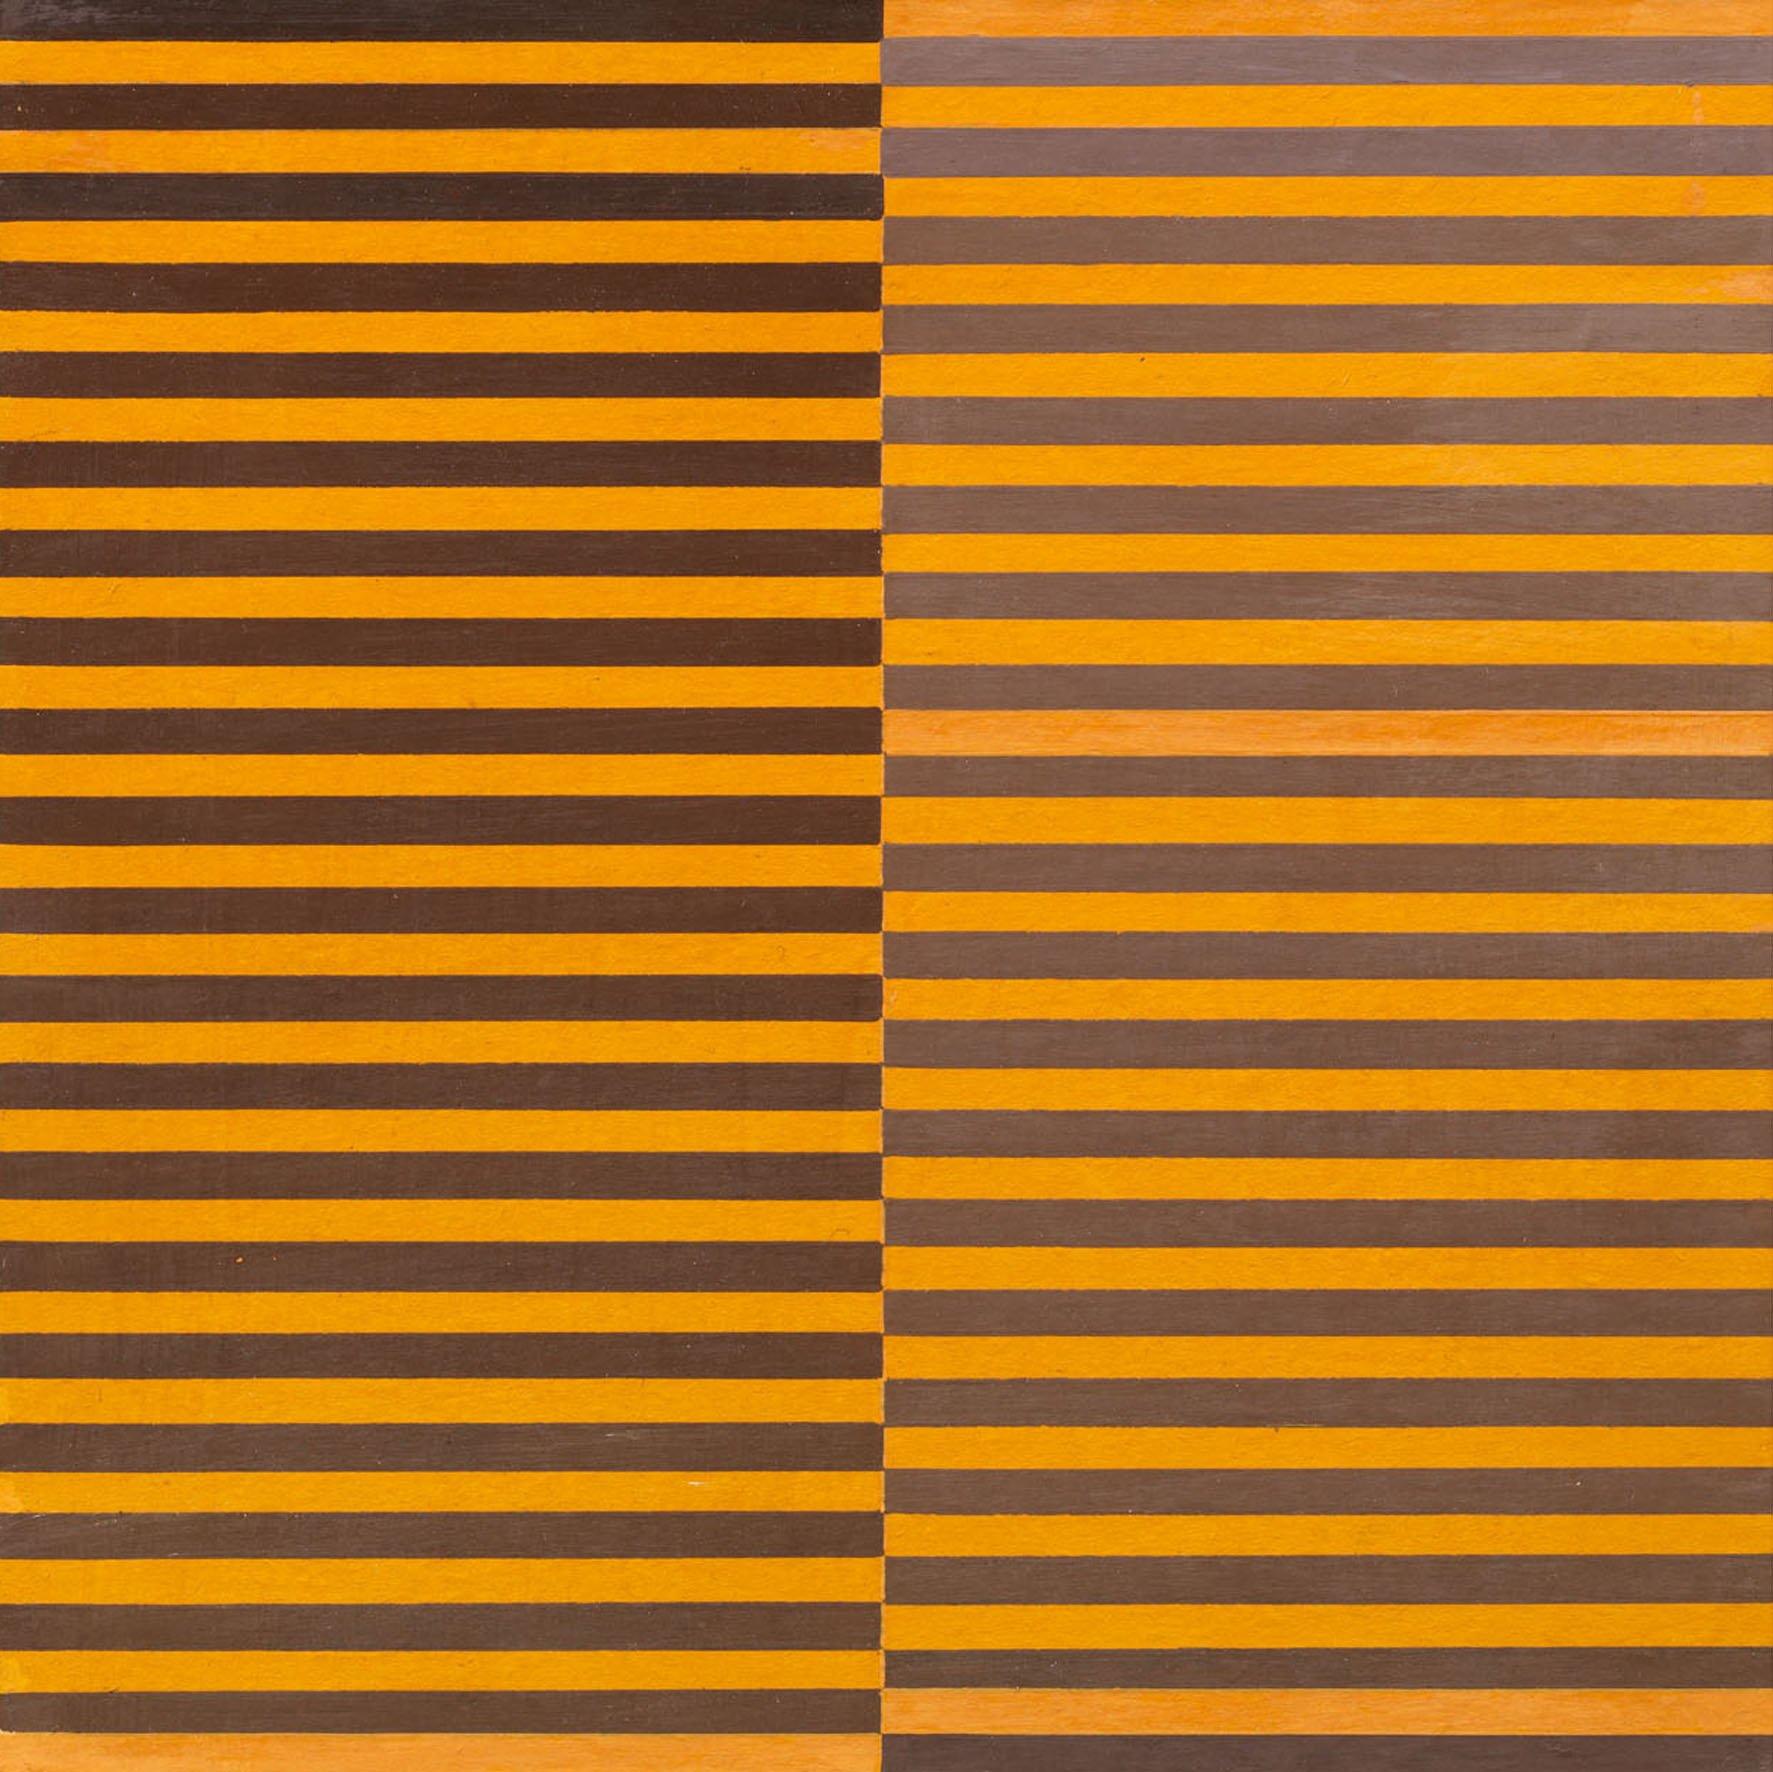 Dadamaino, Ricerca del colore. Marrone su arancio, 1966-68, tempera su carta riportata su masonite, 20x20 cm